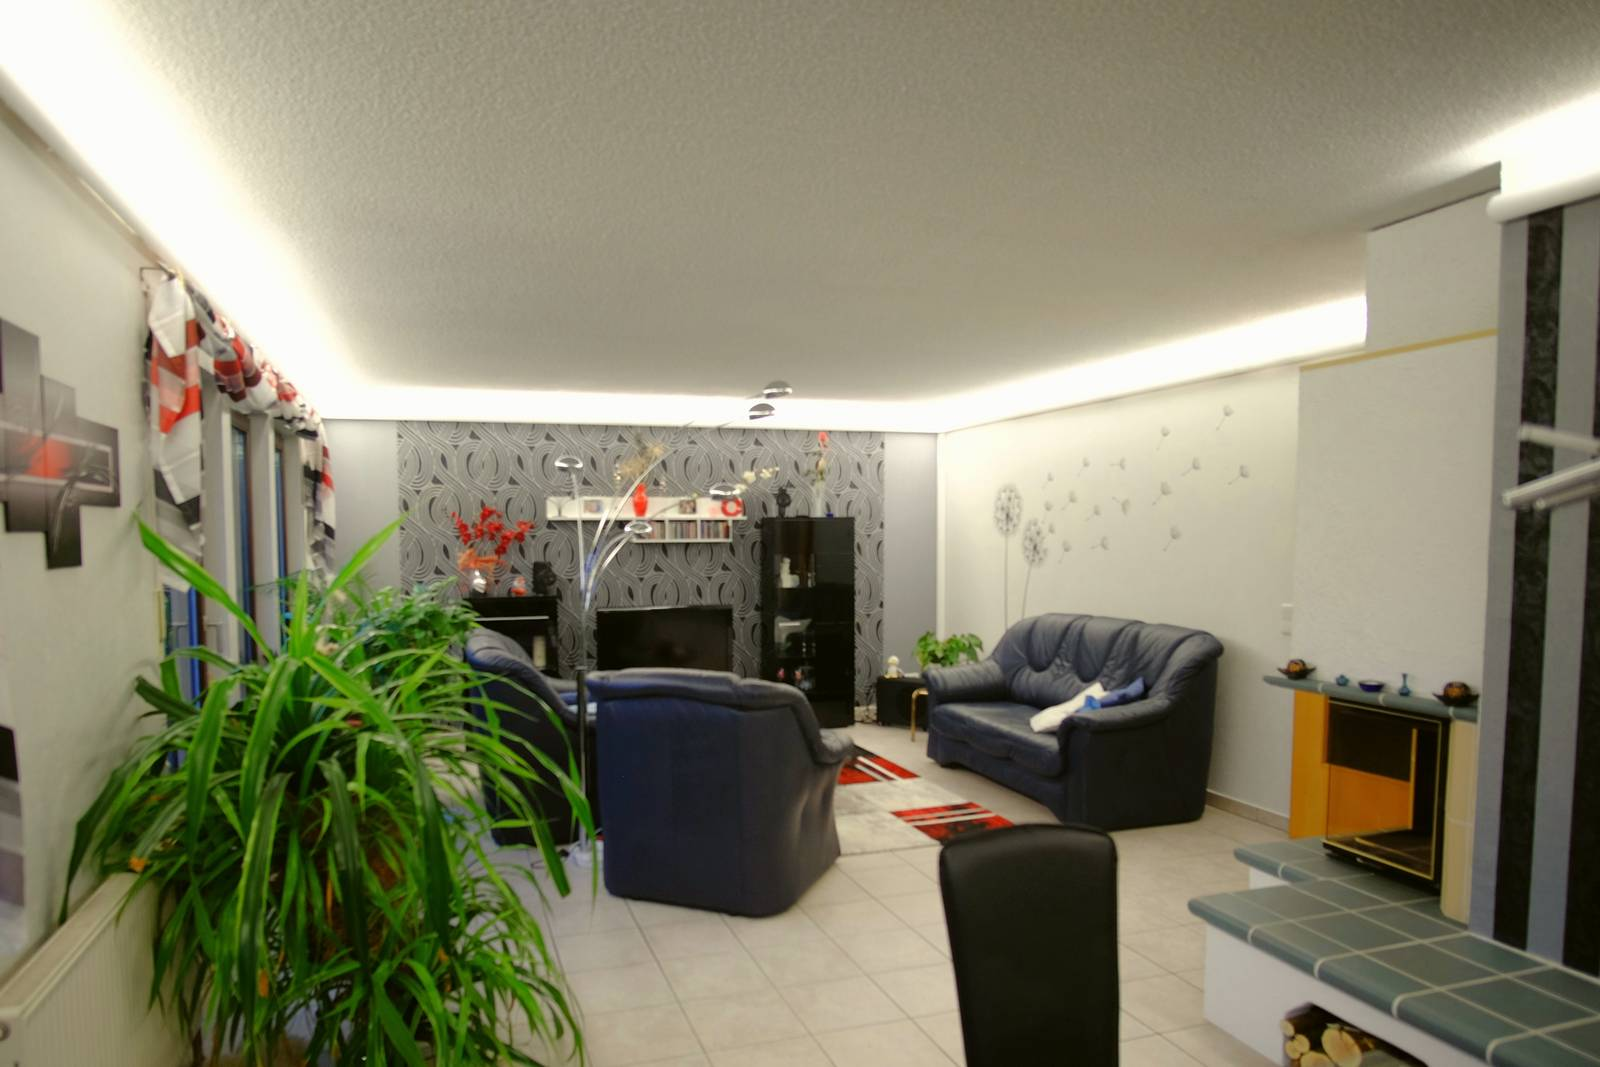 Full Size of Wohnzimmer Beleuchtung Led Tipps Indirekte Indirekt Lumen Planen Spots Lampen Wand Decke Ideen Mit Vorher Nachher Deckenleuchte Badezimmer Hängeschrank Wohnzimmer Wohnzimmer Beleuchtung